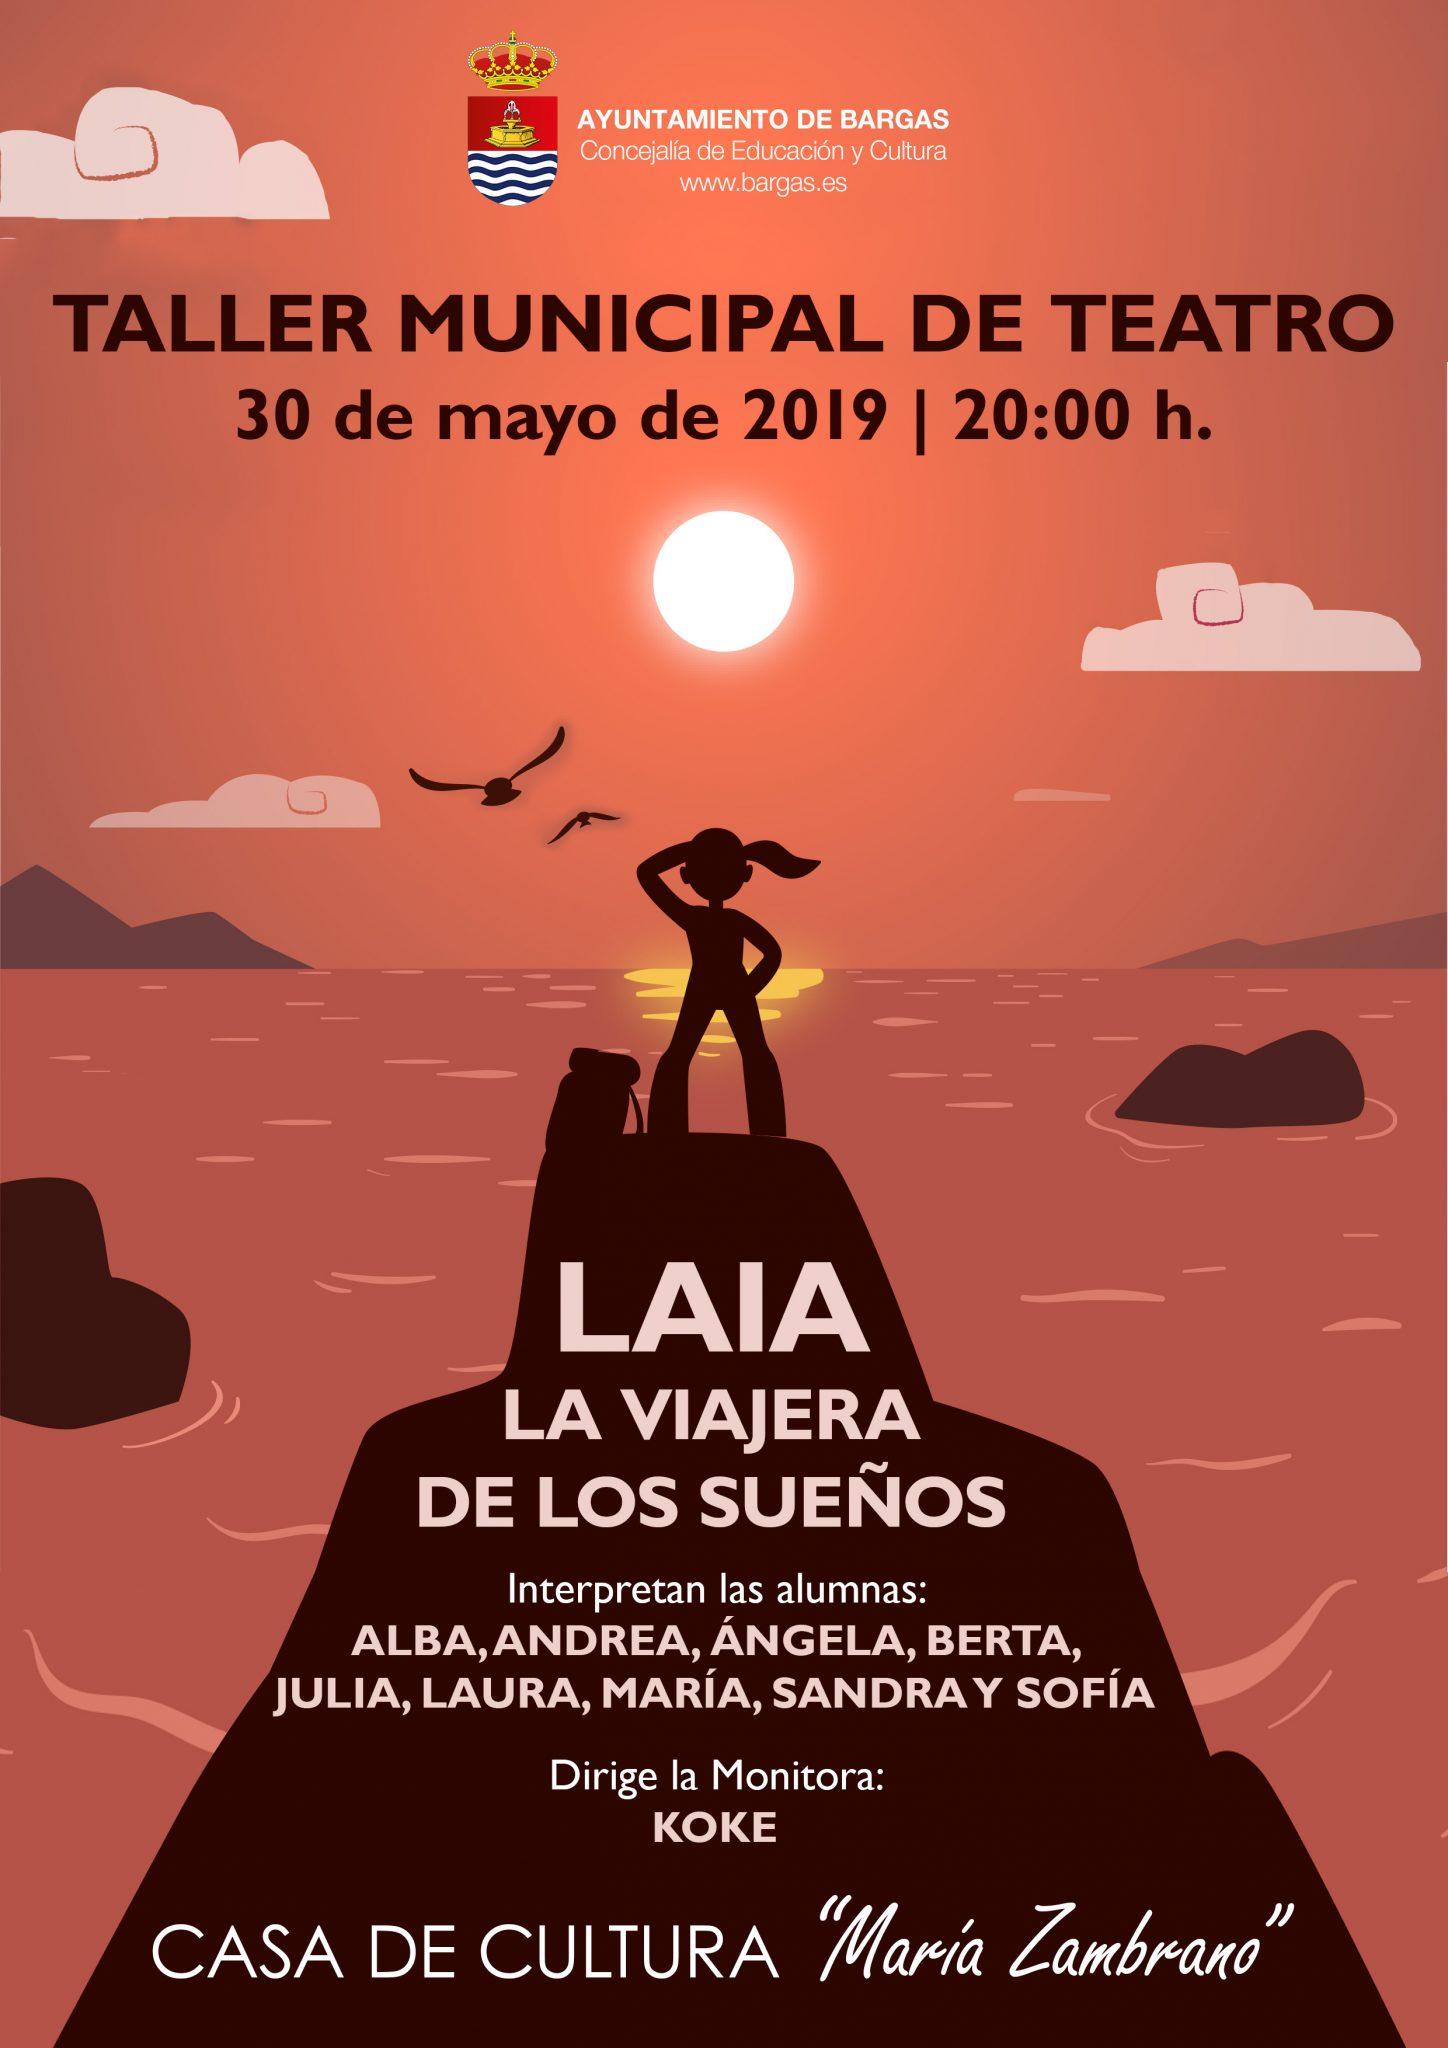 Taller Municipal de Teatro: Laia, la viajera de los sueños